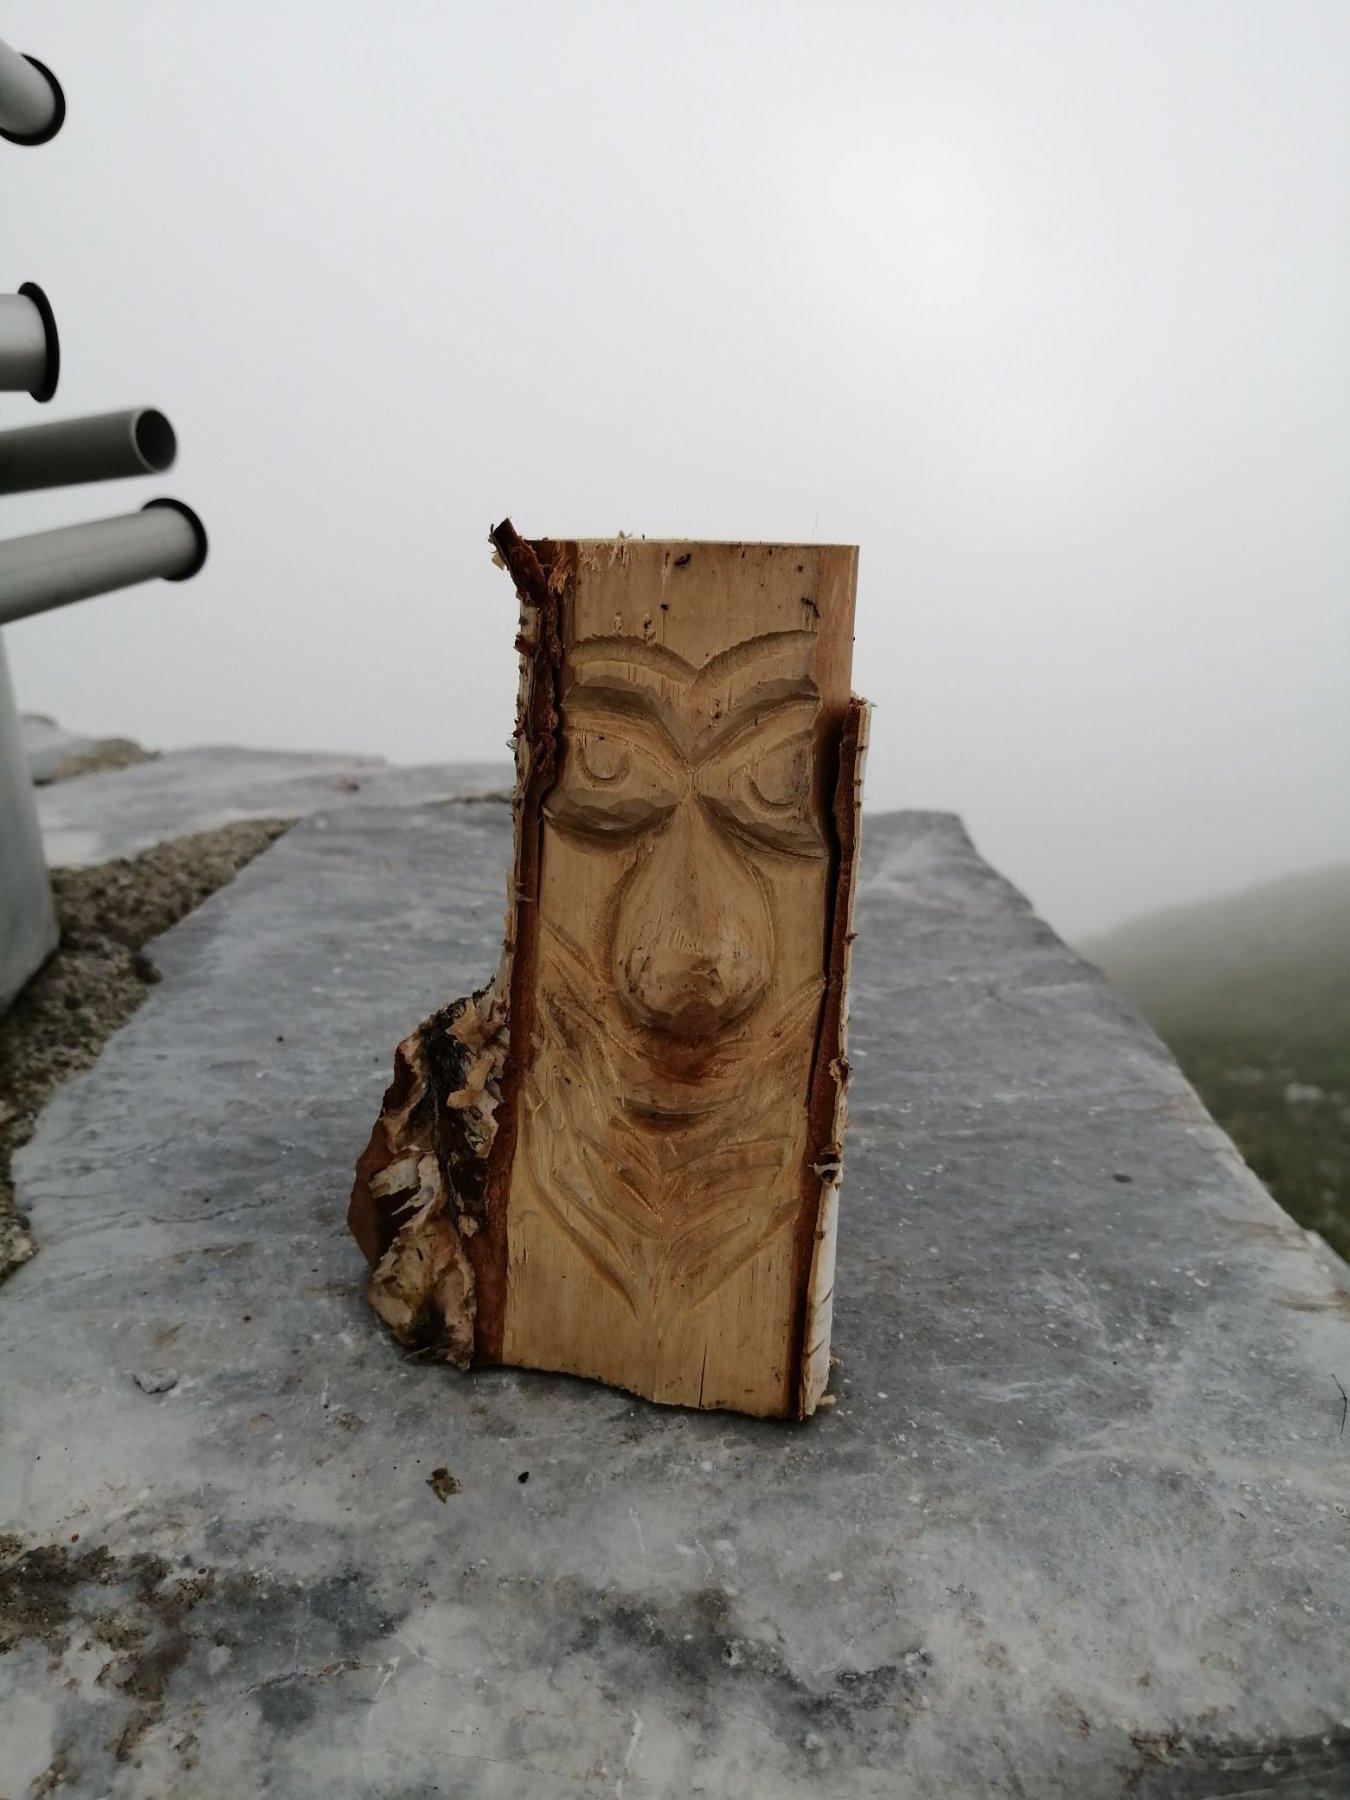 Simpatica scultura all'arrivo in cima